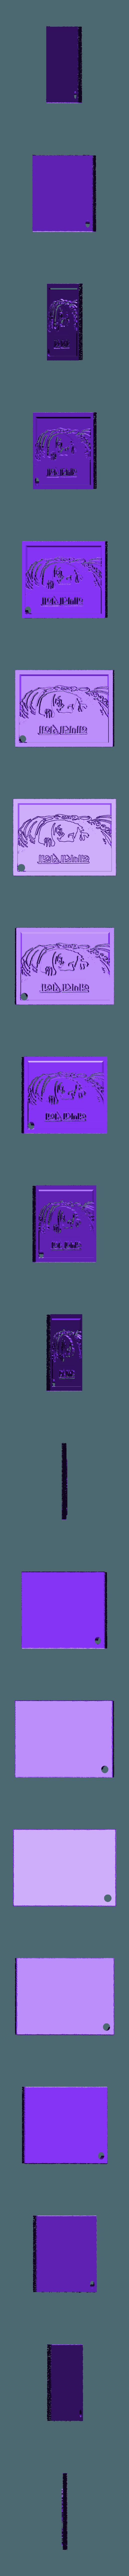 maharaj.stl Télécharger fichier STL gratuit Porte-clé lithographique Janta Raja • Design pour impression 3D, sujit23